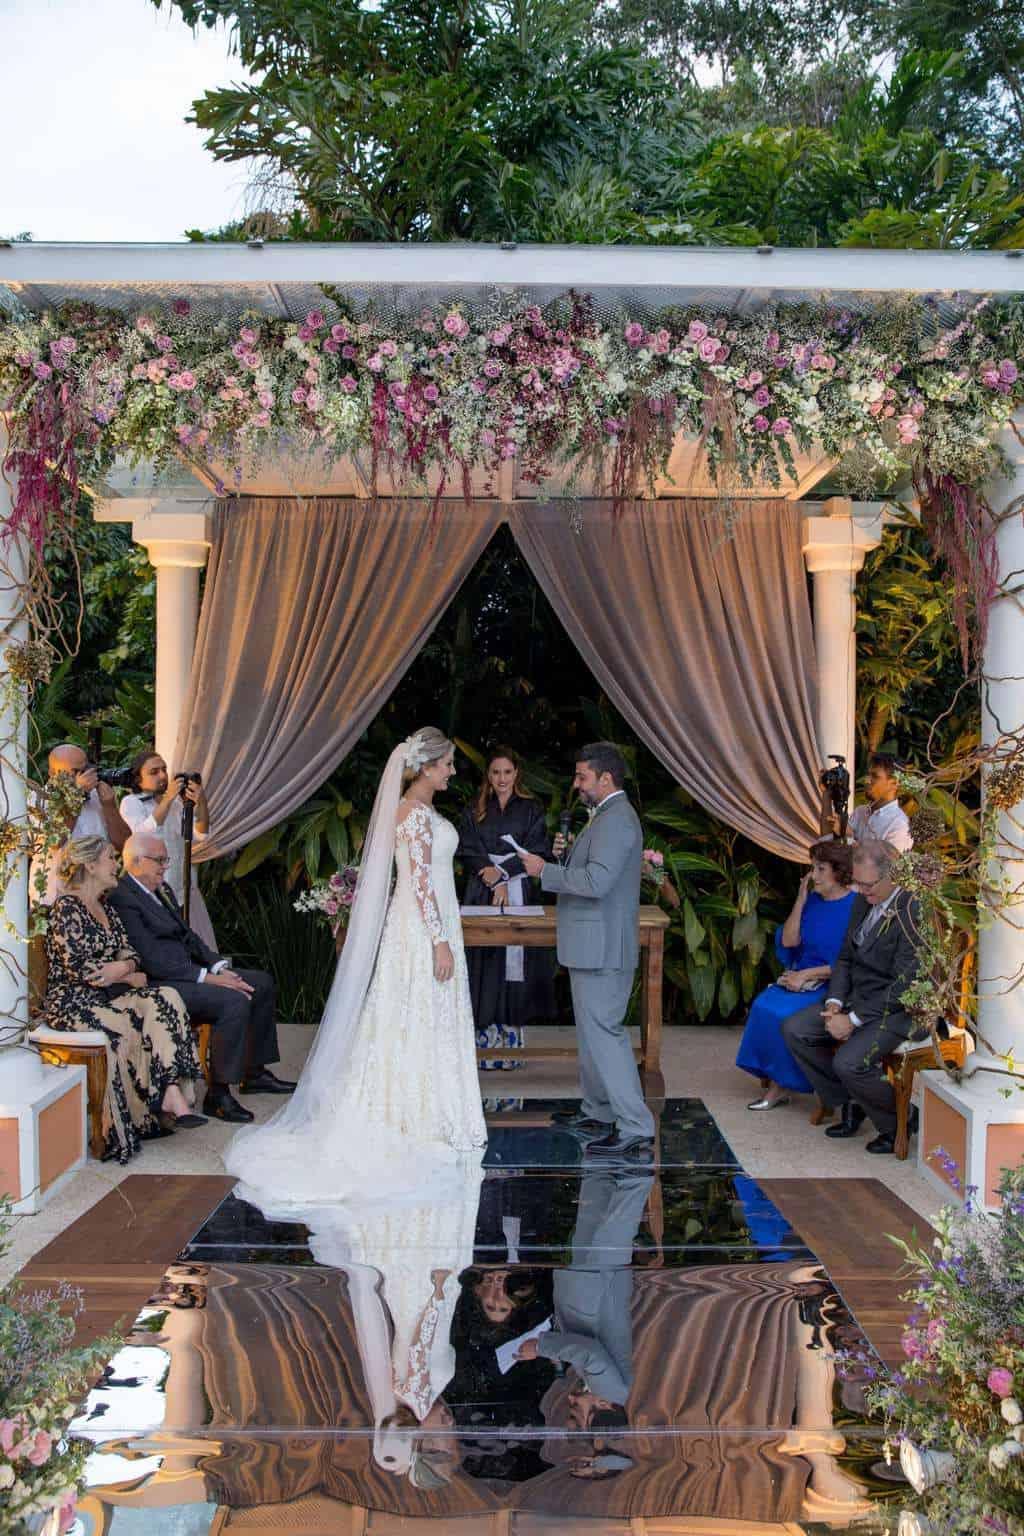 Andrea-Kapps-casamento-de-dia-casamento-na-serra-casamento-romântico-casamento-tradicional-Locanda-de-La-Mimosa-rosa-e-lilás-casamento-27